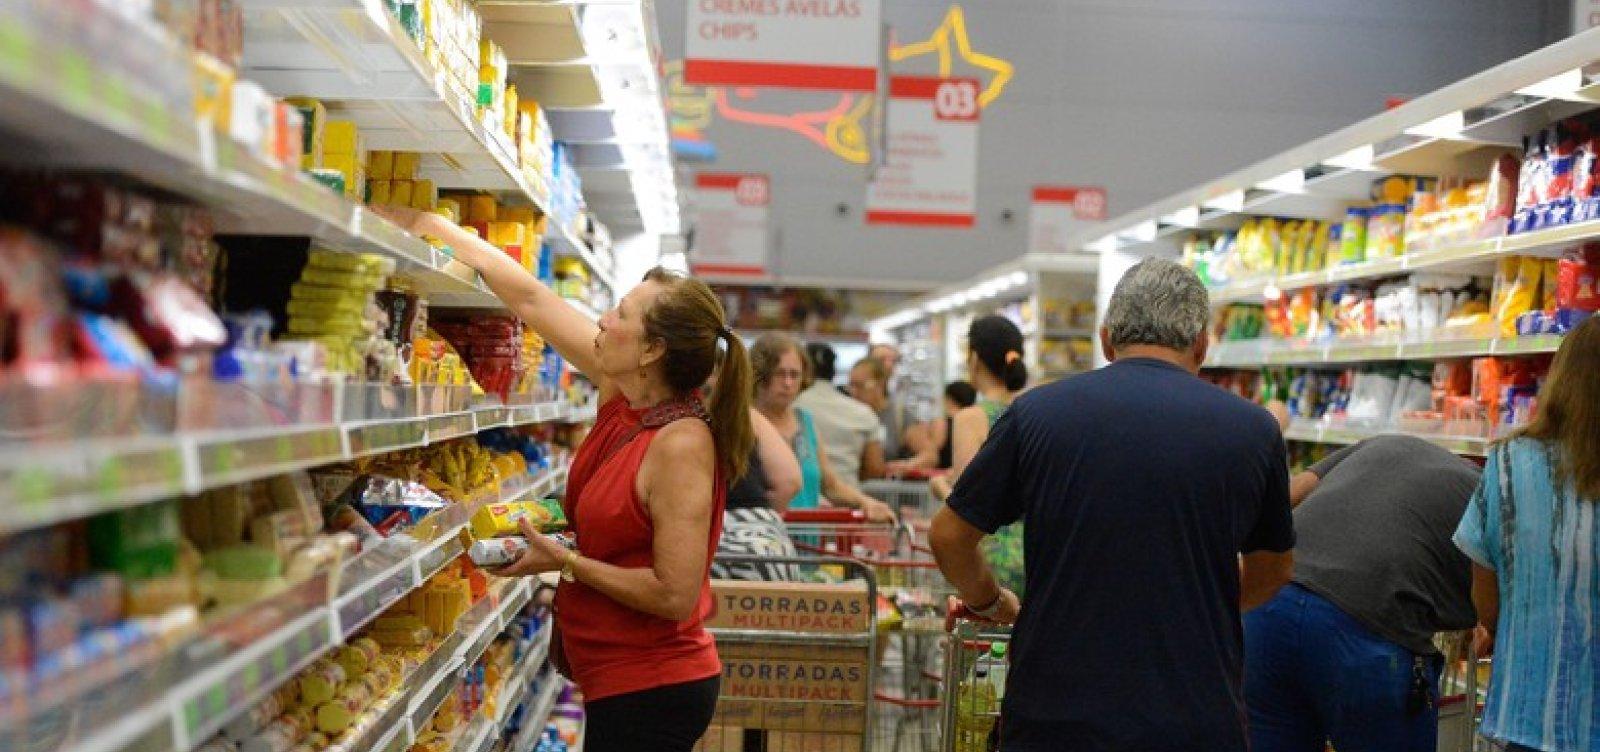 Inflação de abril fica em 0,57%, maior taxa desde 2016